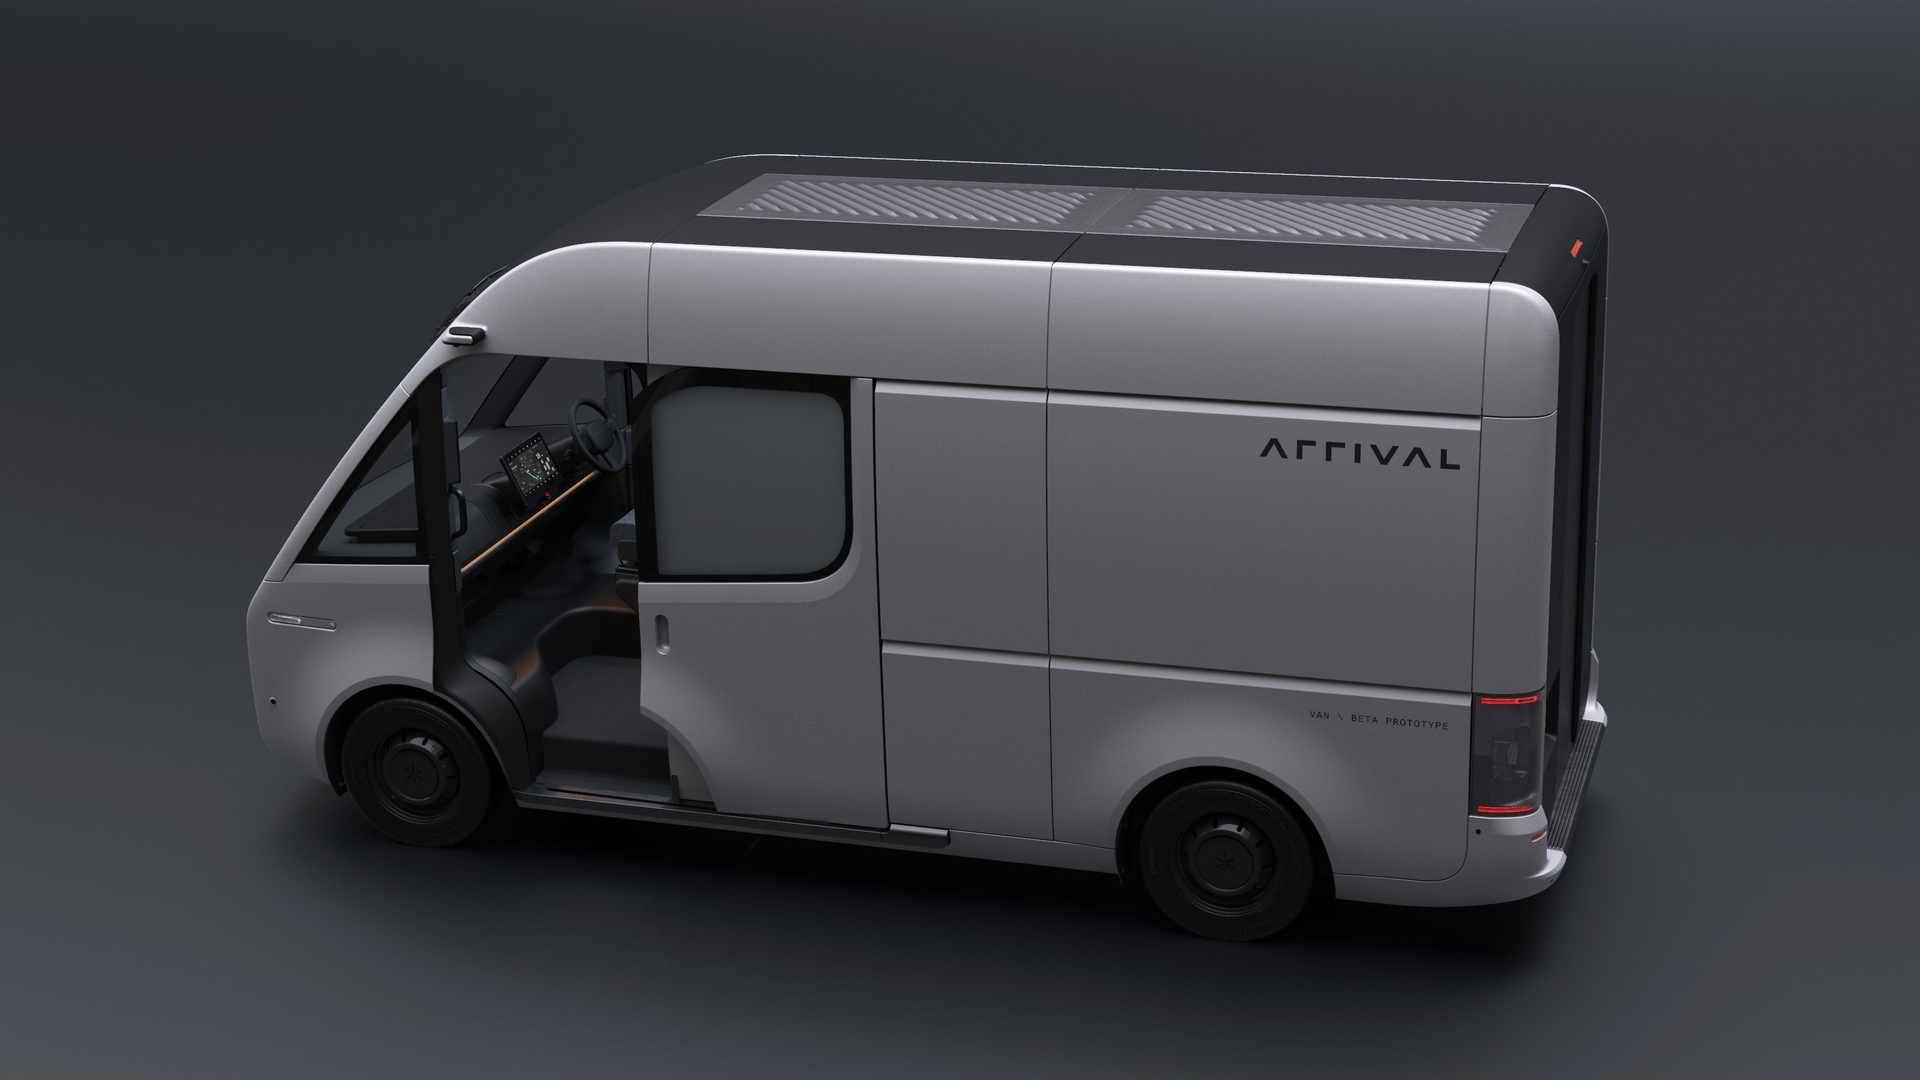 Arrival-Van-prototype-4